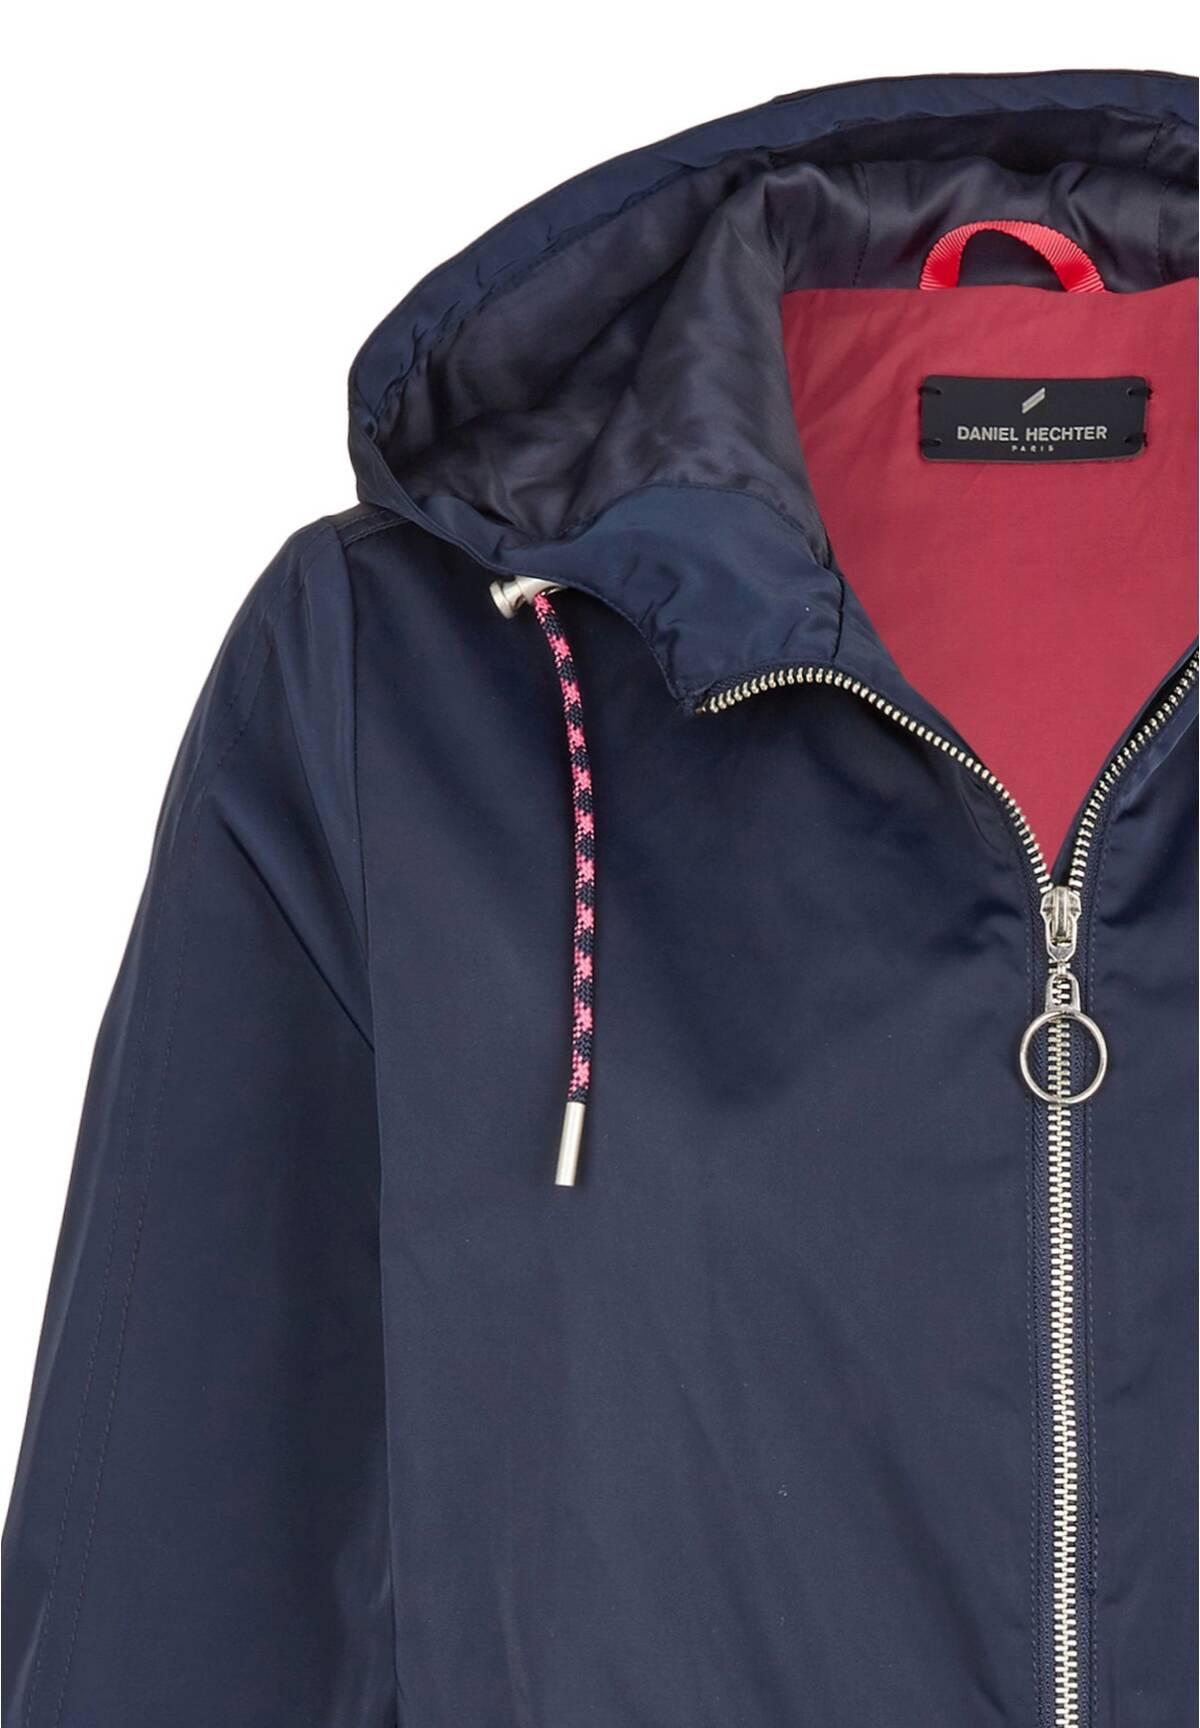 Manteau à capuche cintré /